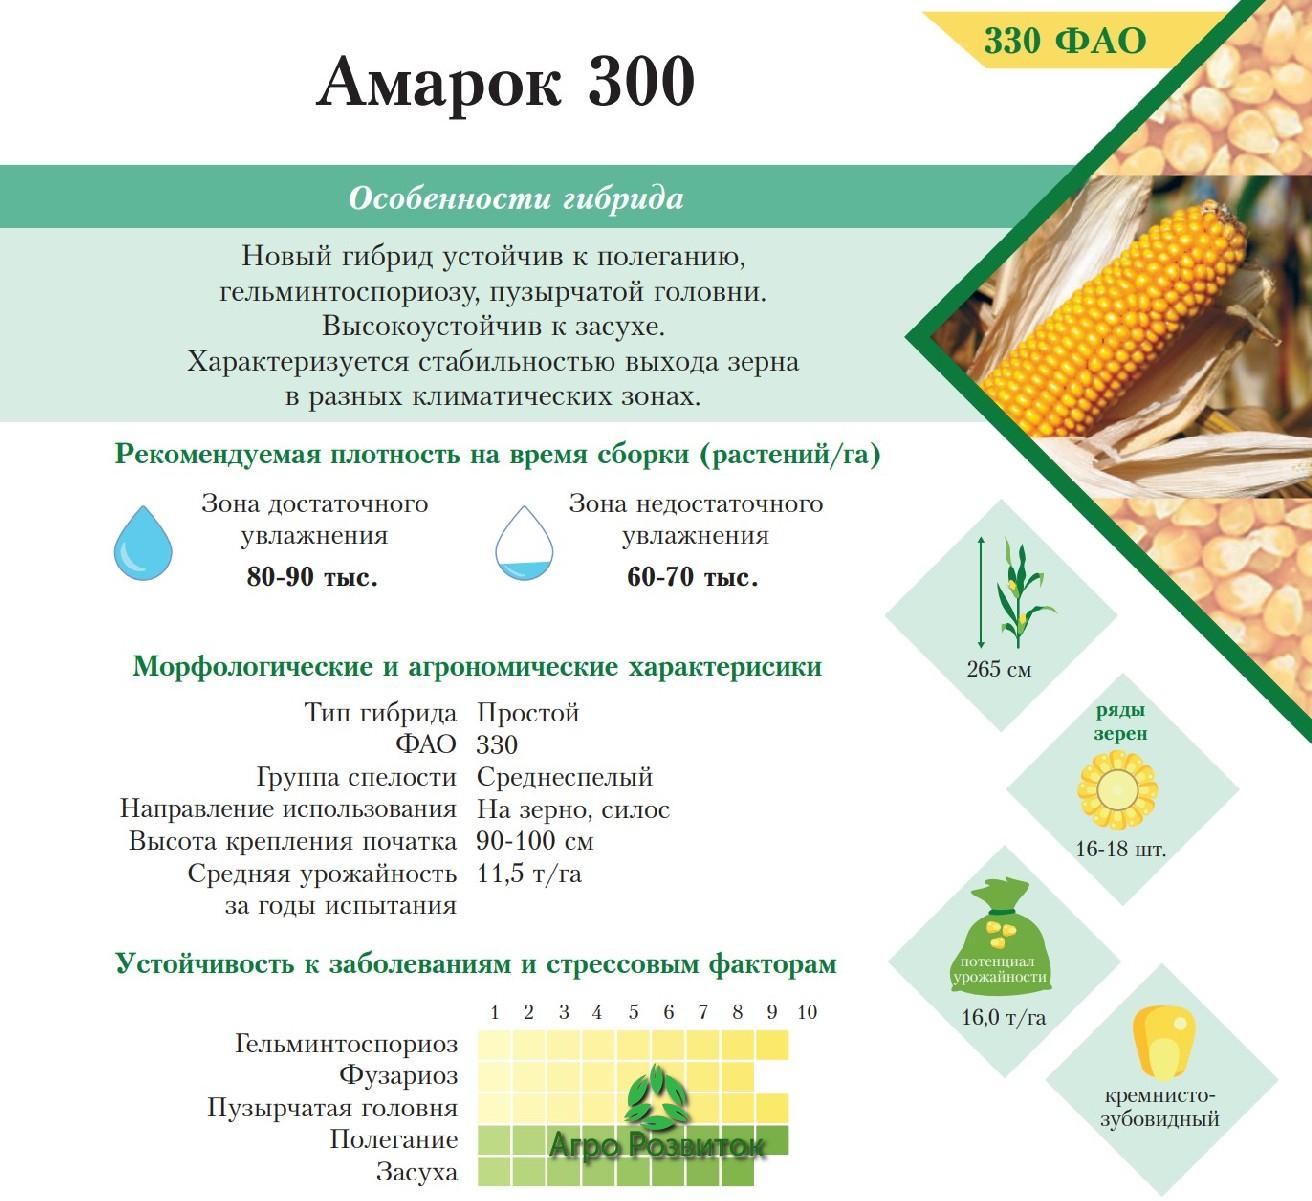 Кукуруза Амарок 300 - Цена Семян (ФАО 330)